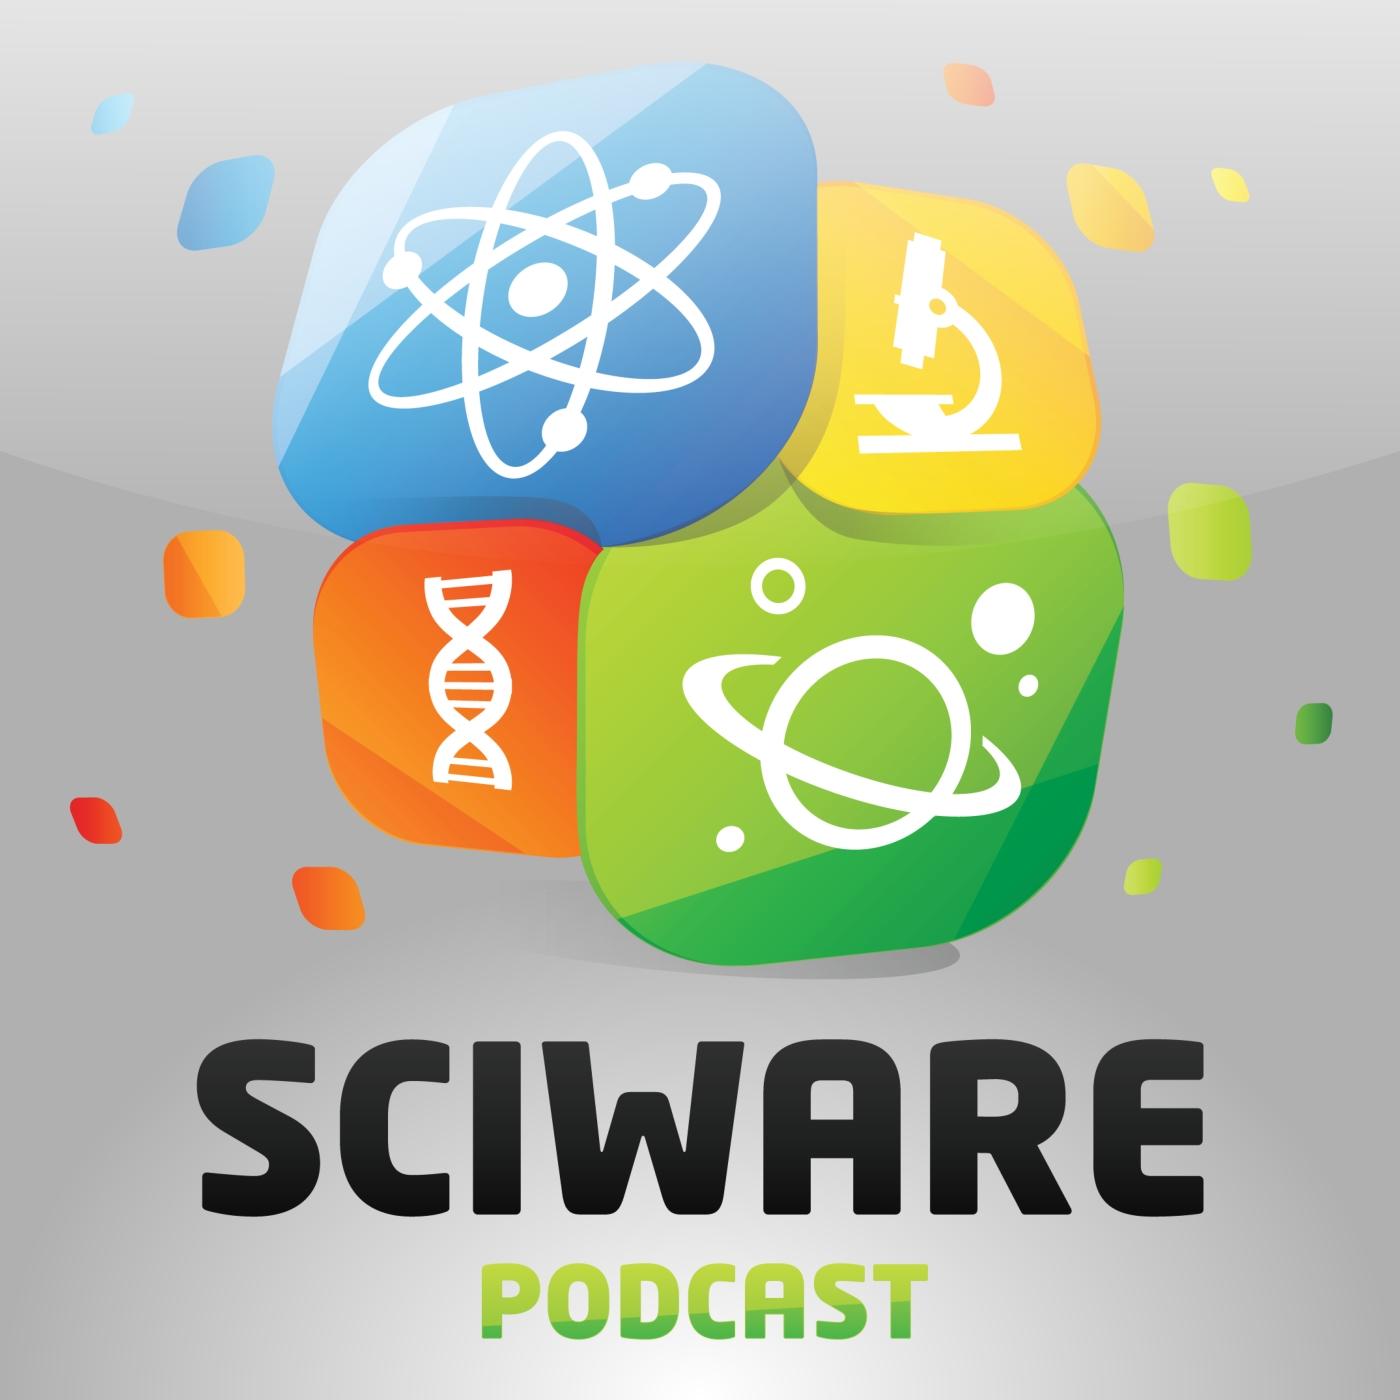 newsciwarelogo for podcast